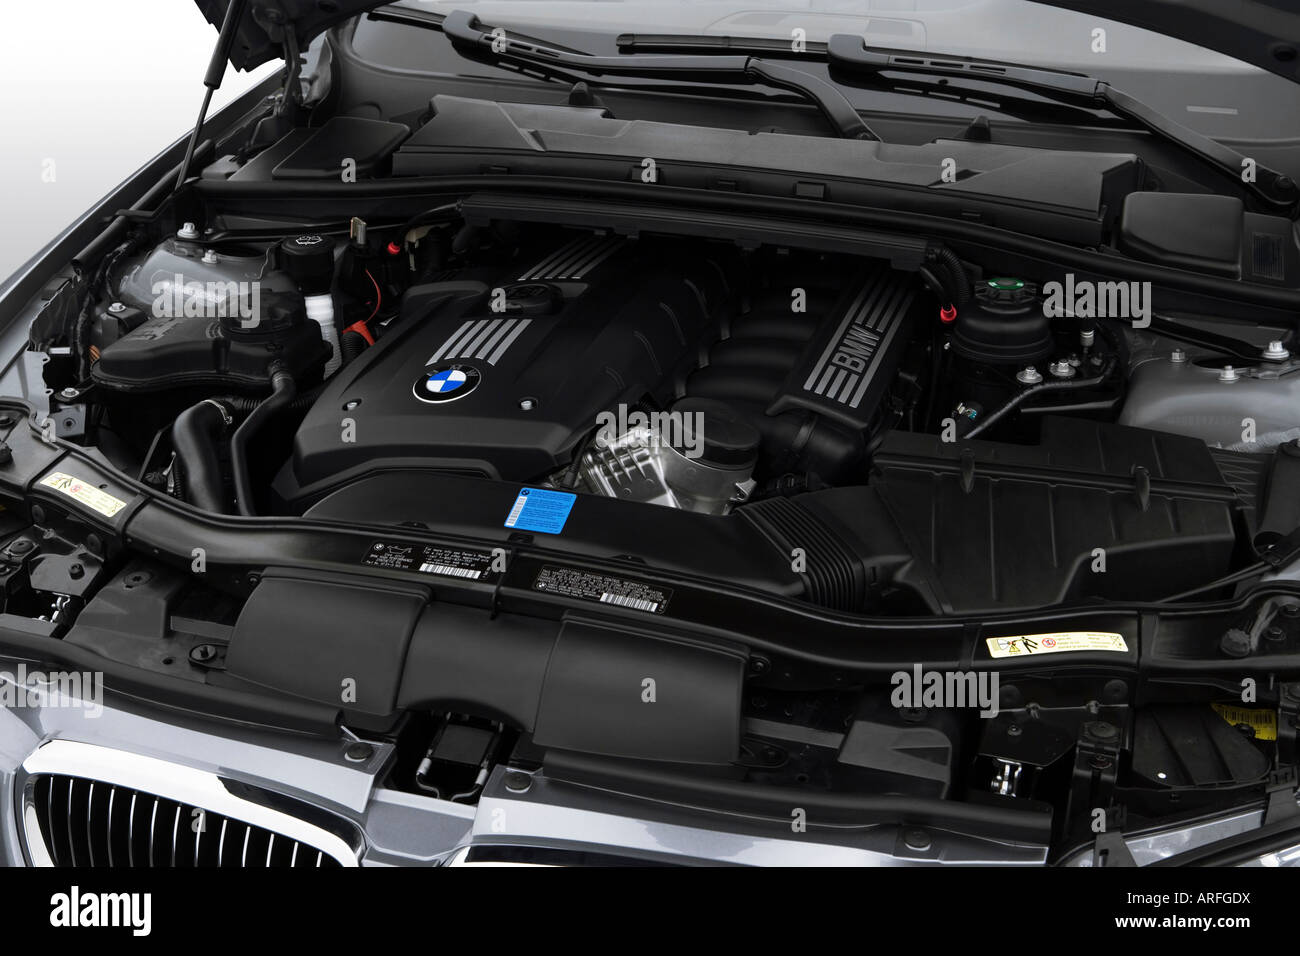 2007 BMW 3-series 328i in Gray - Engine Stock Photo: 16039909 - Alamy